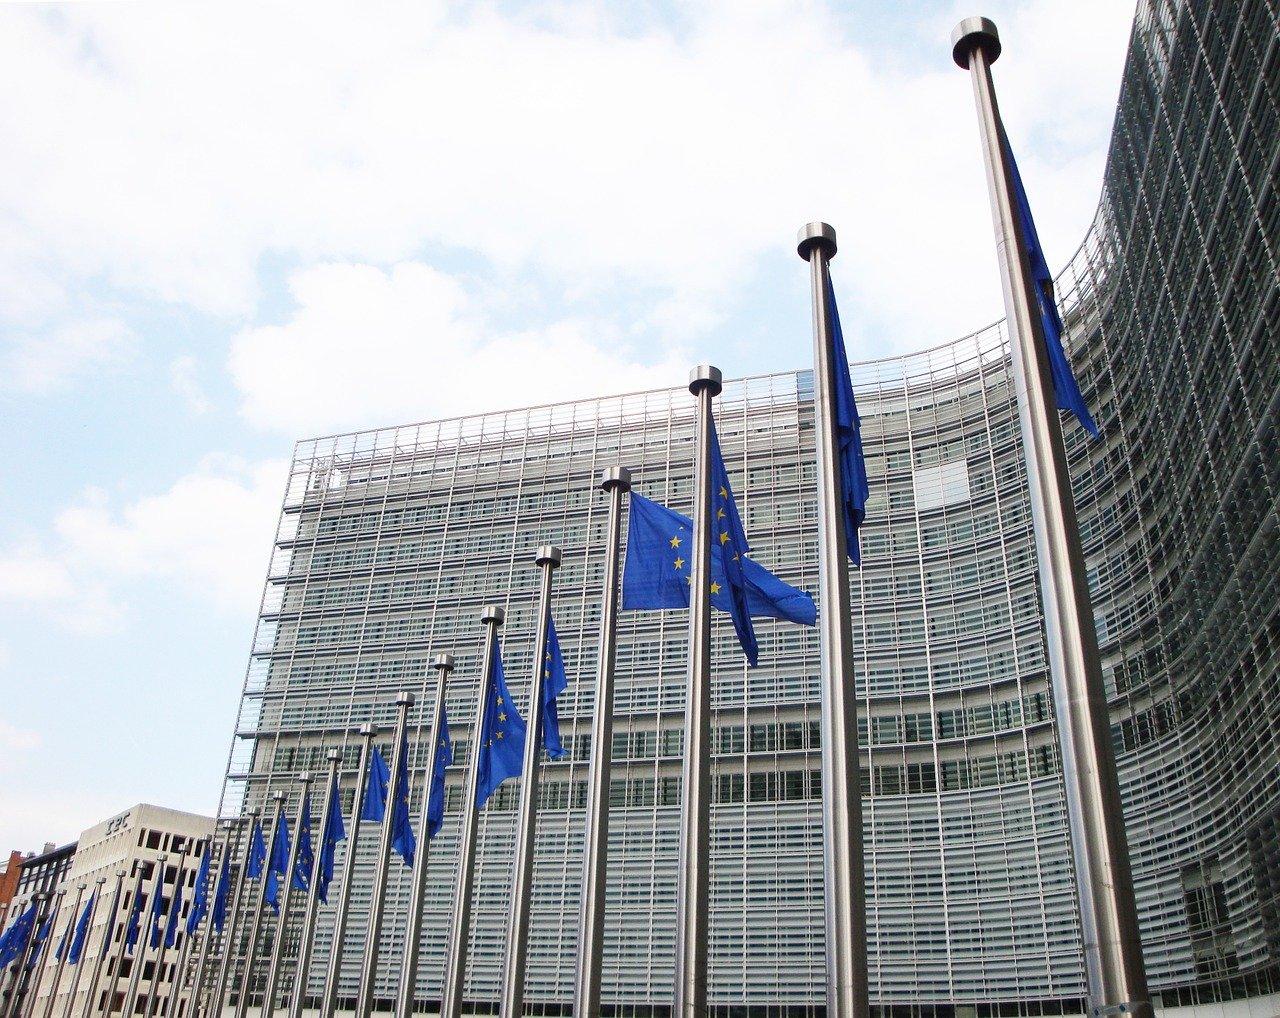 Euroopan komission suomen osastolla työskentelee vajaat 70 työntekijää.